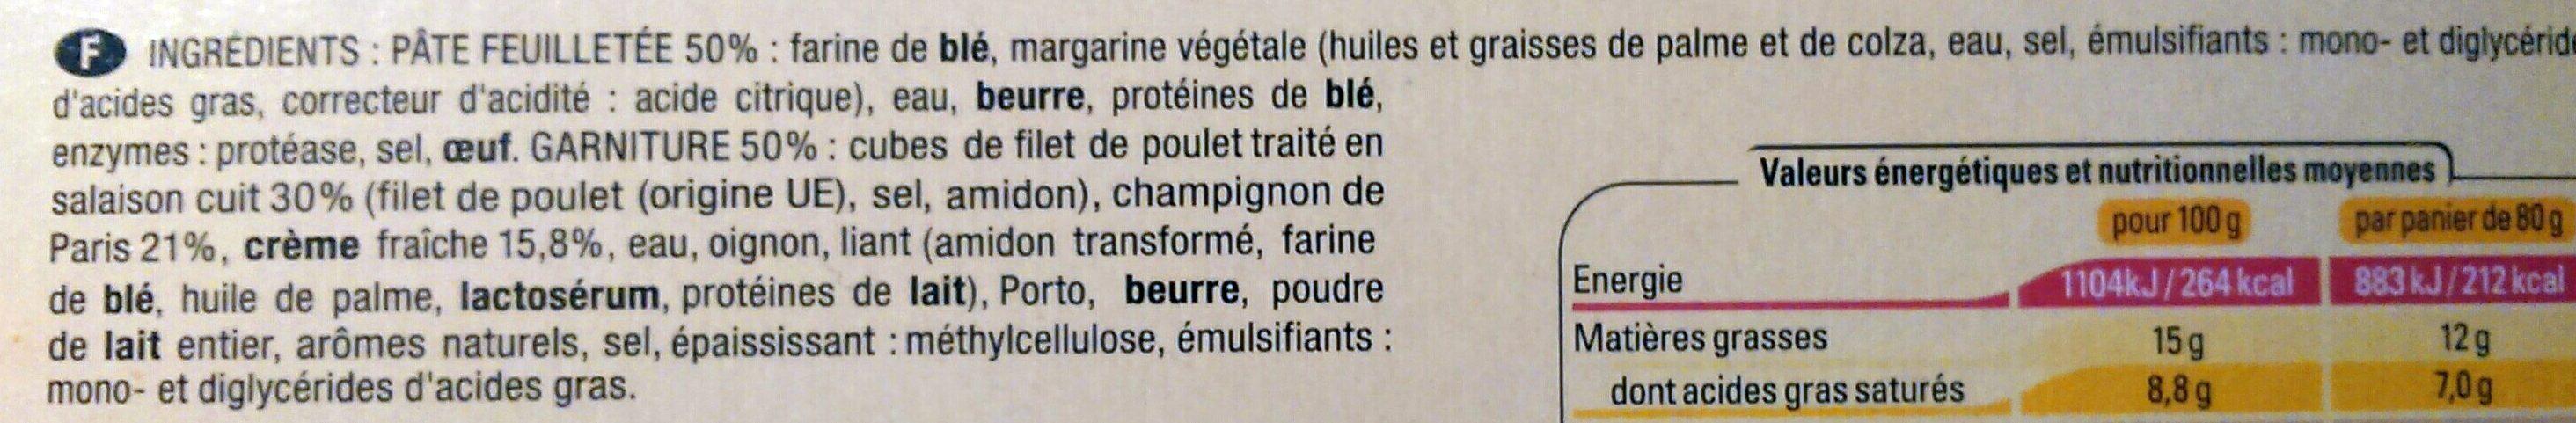 8 Paniers Poulet Champignons - Ingrédients